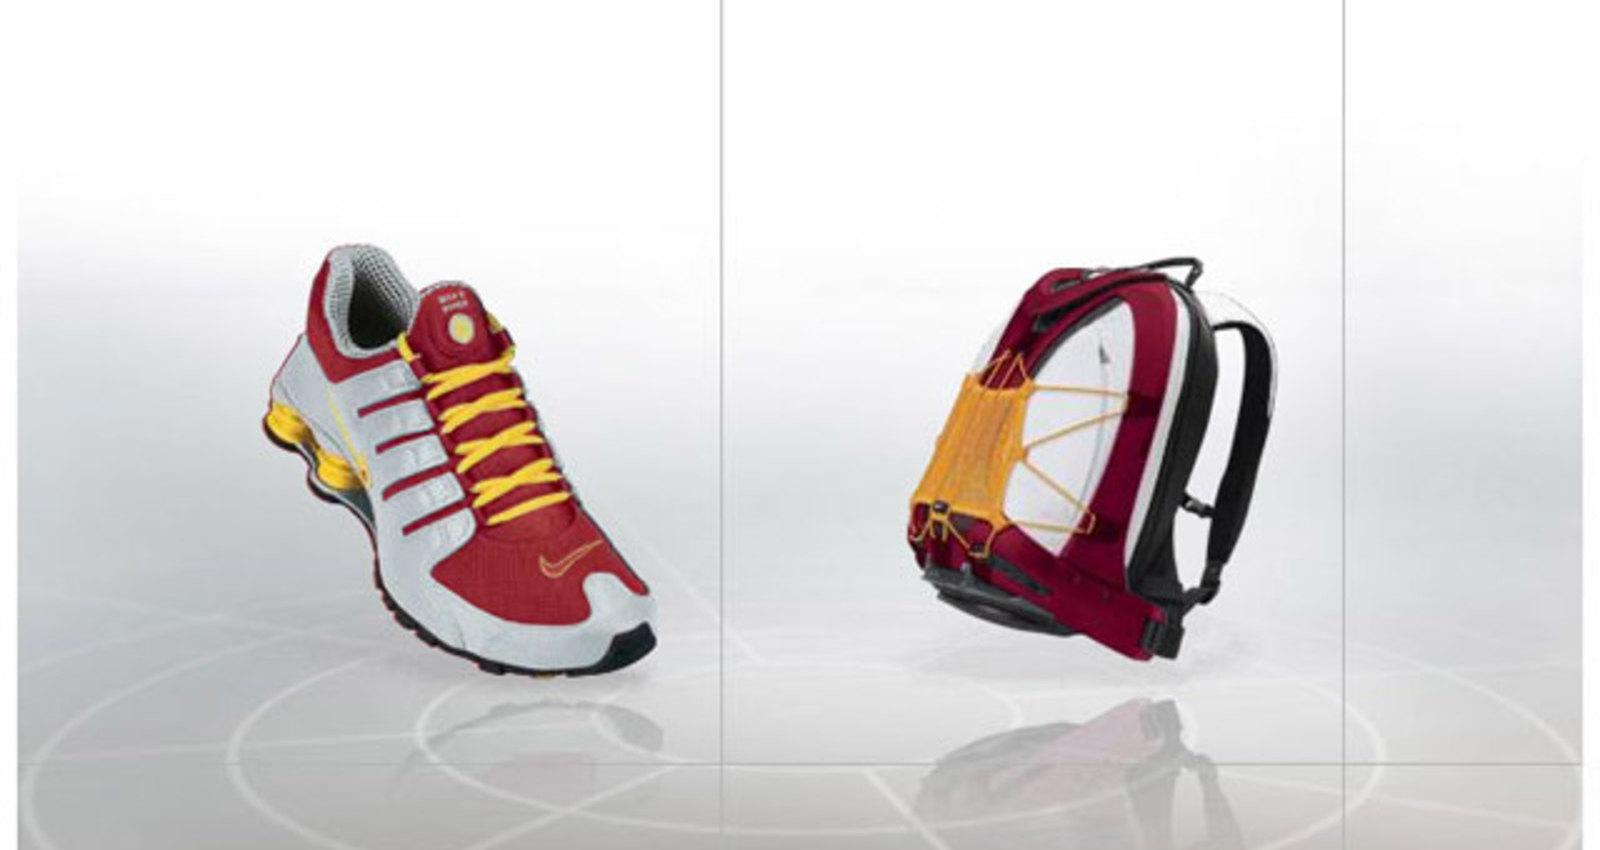 Nike iD